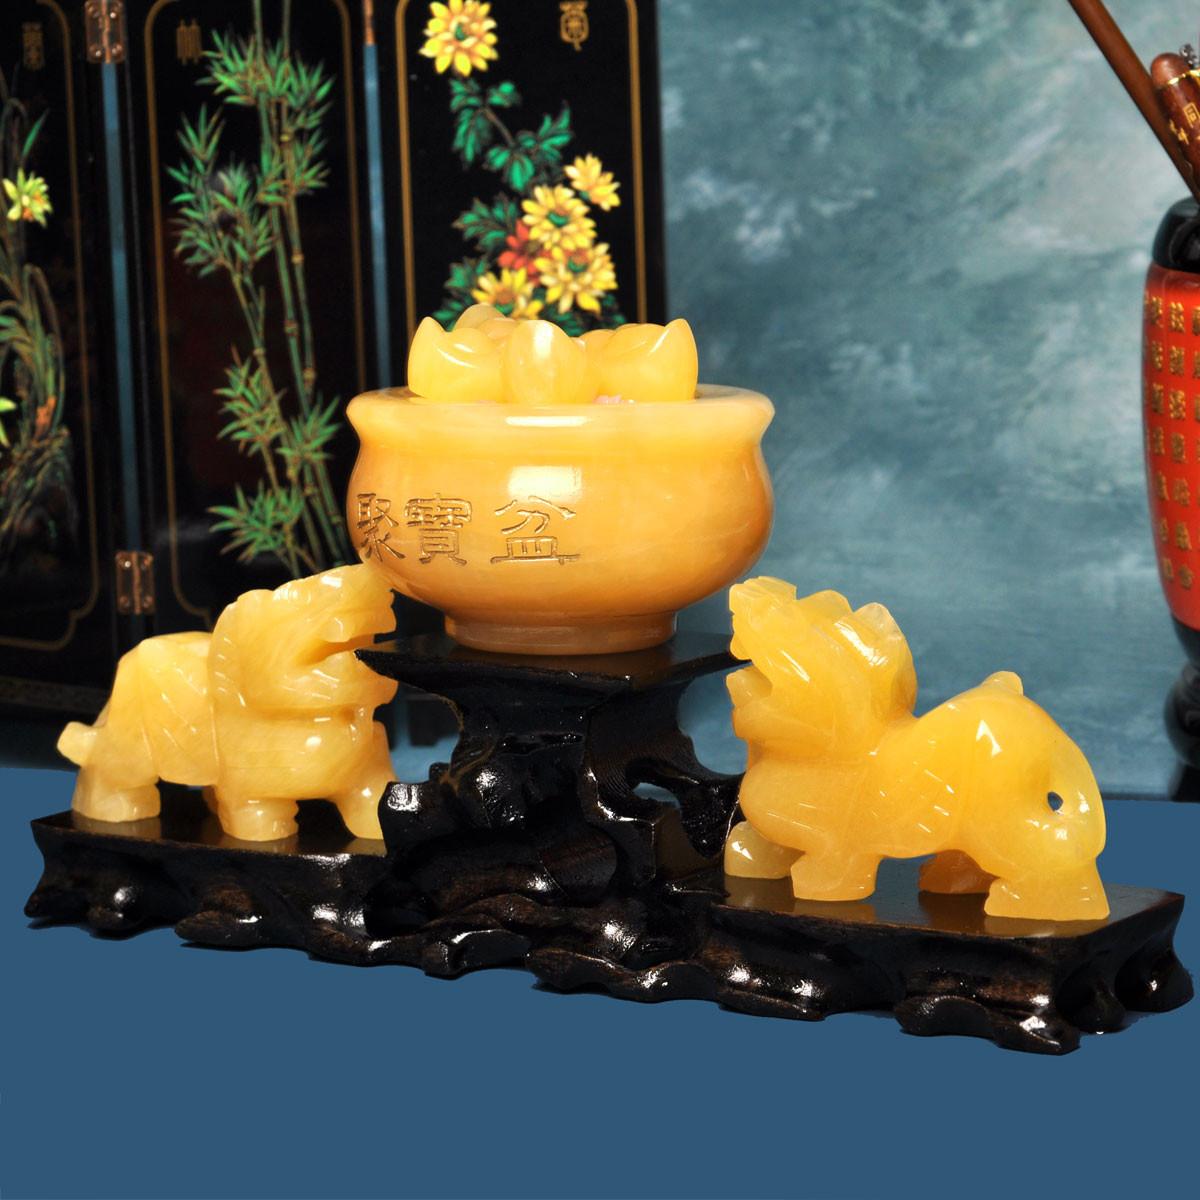 风水阁石材动物桌面摆件招财明清古典摆件